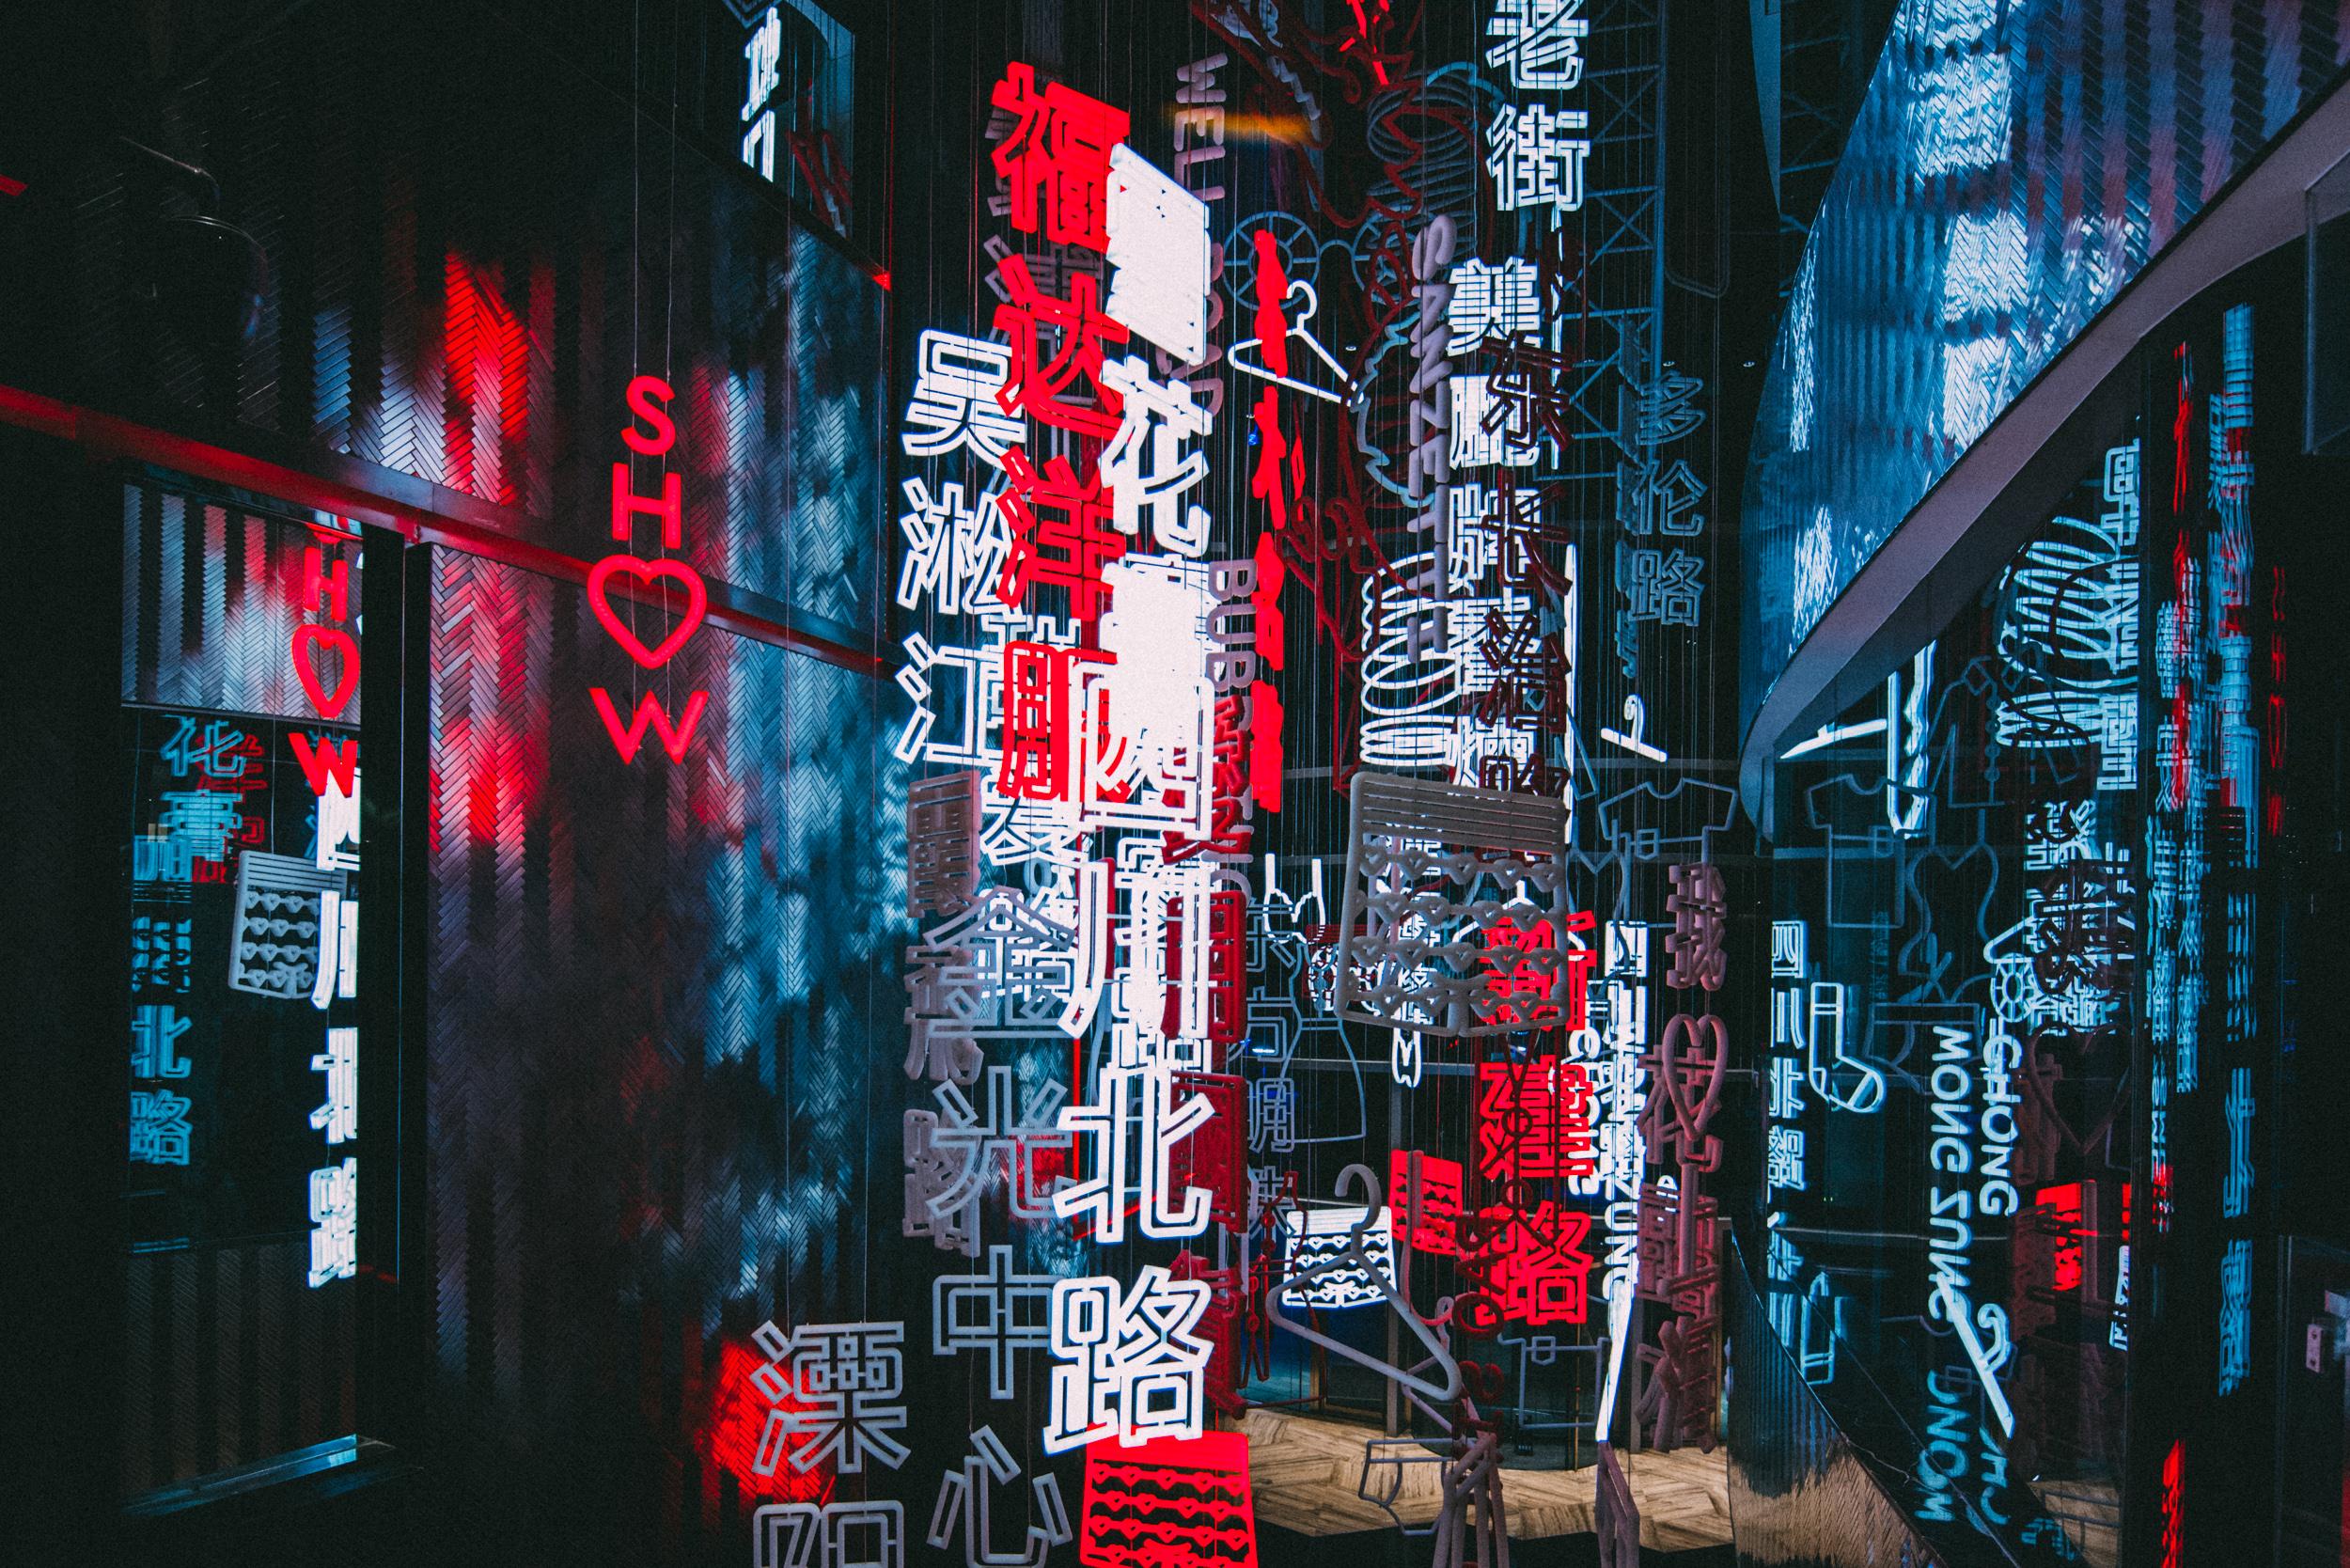 Shanghai Art